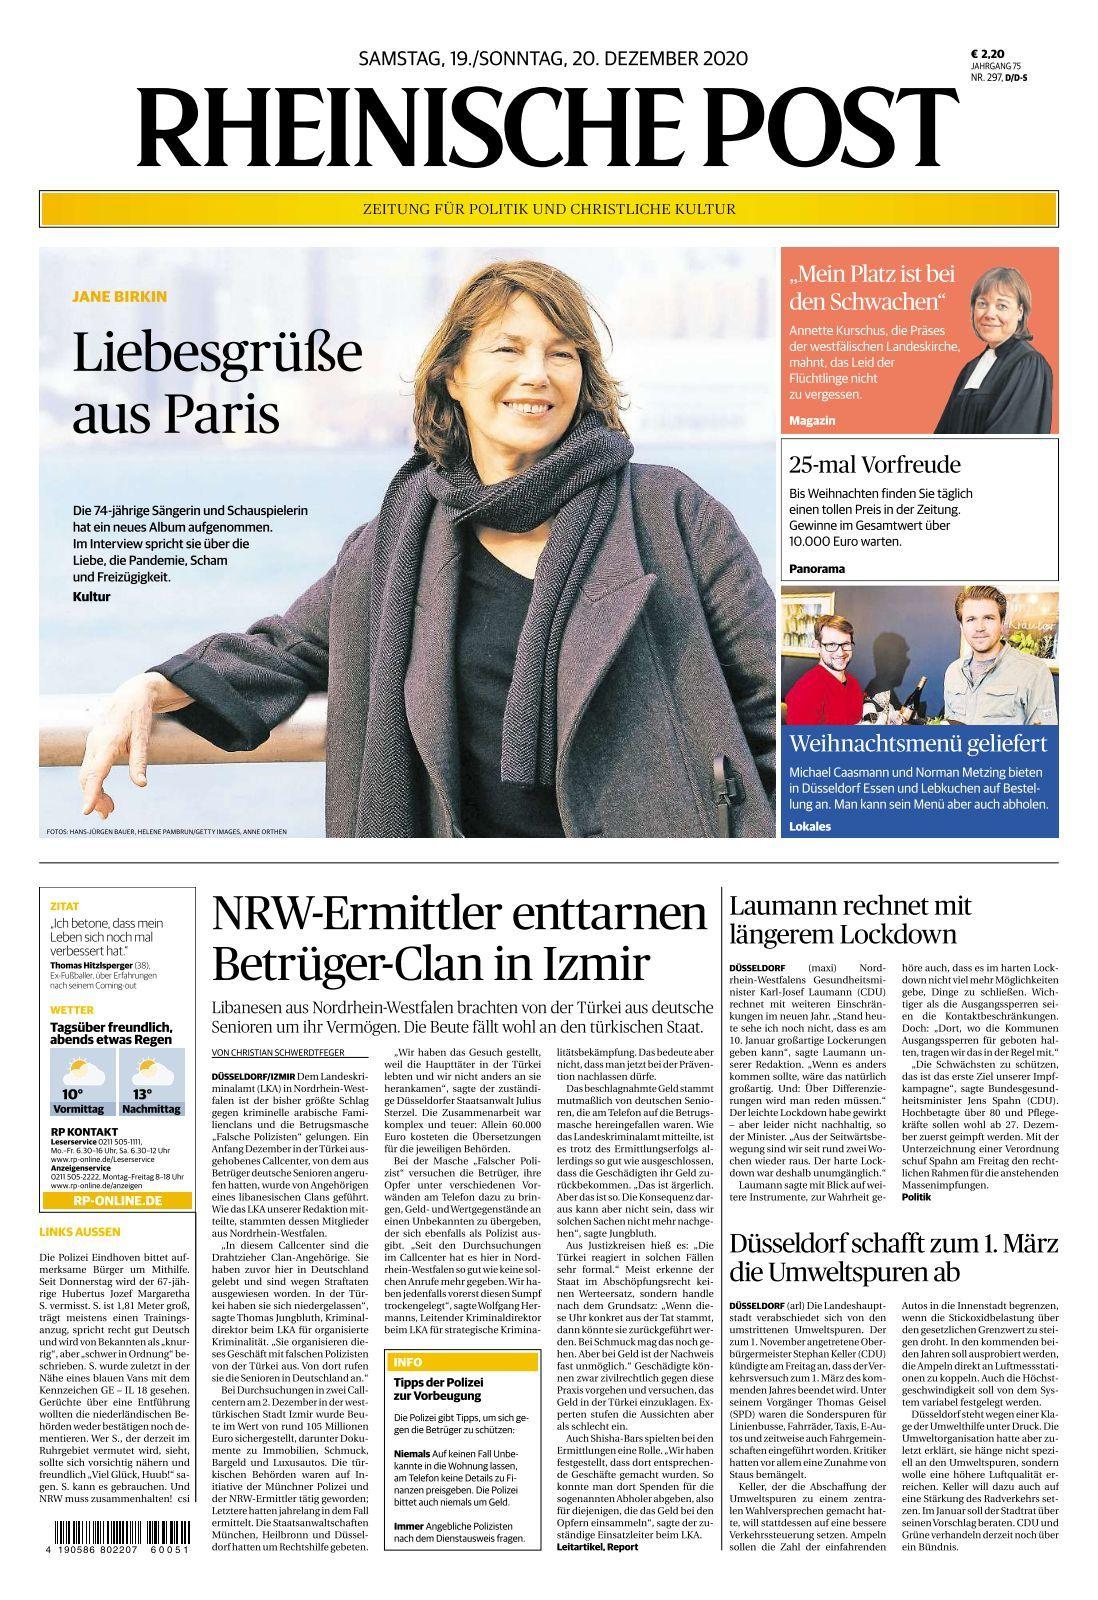 Magdeburg - Sex Kontaktanzeigen, Erotikanzeigen für Dates & Sextreffen | oliviasdiner.de Kleinanzeigen